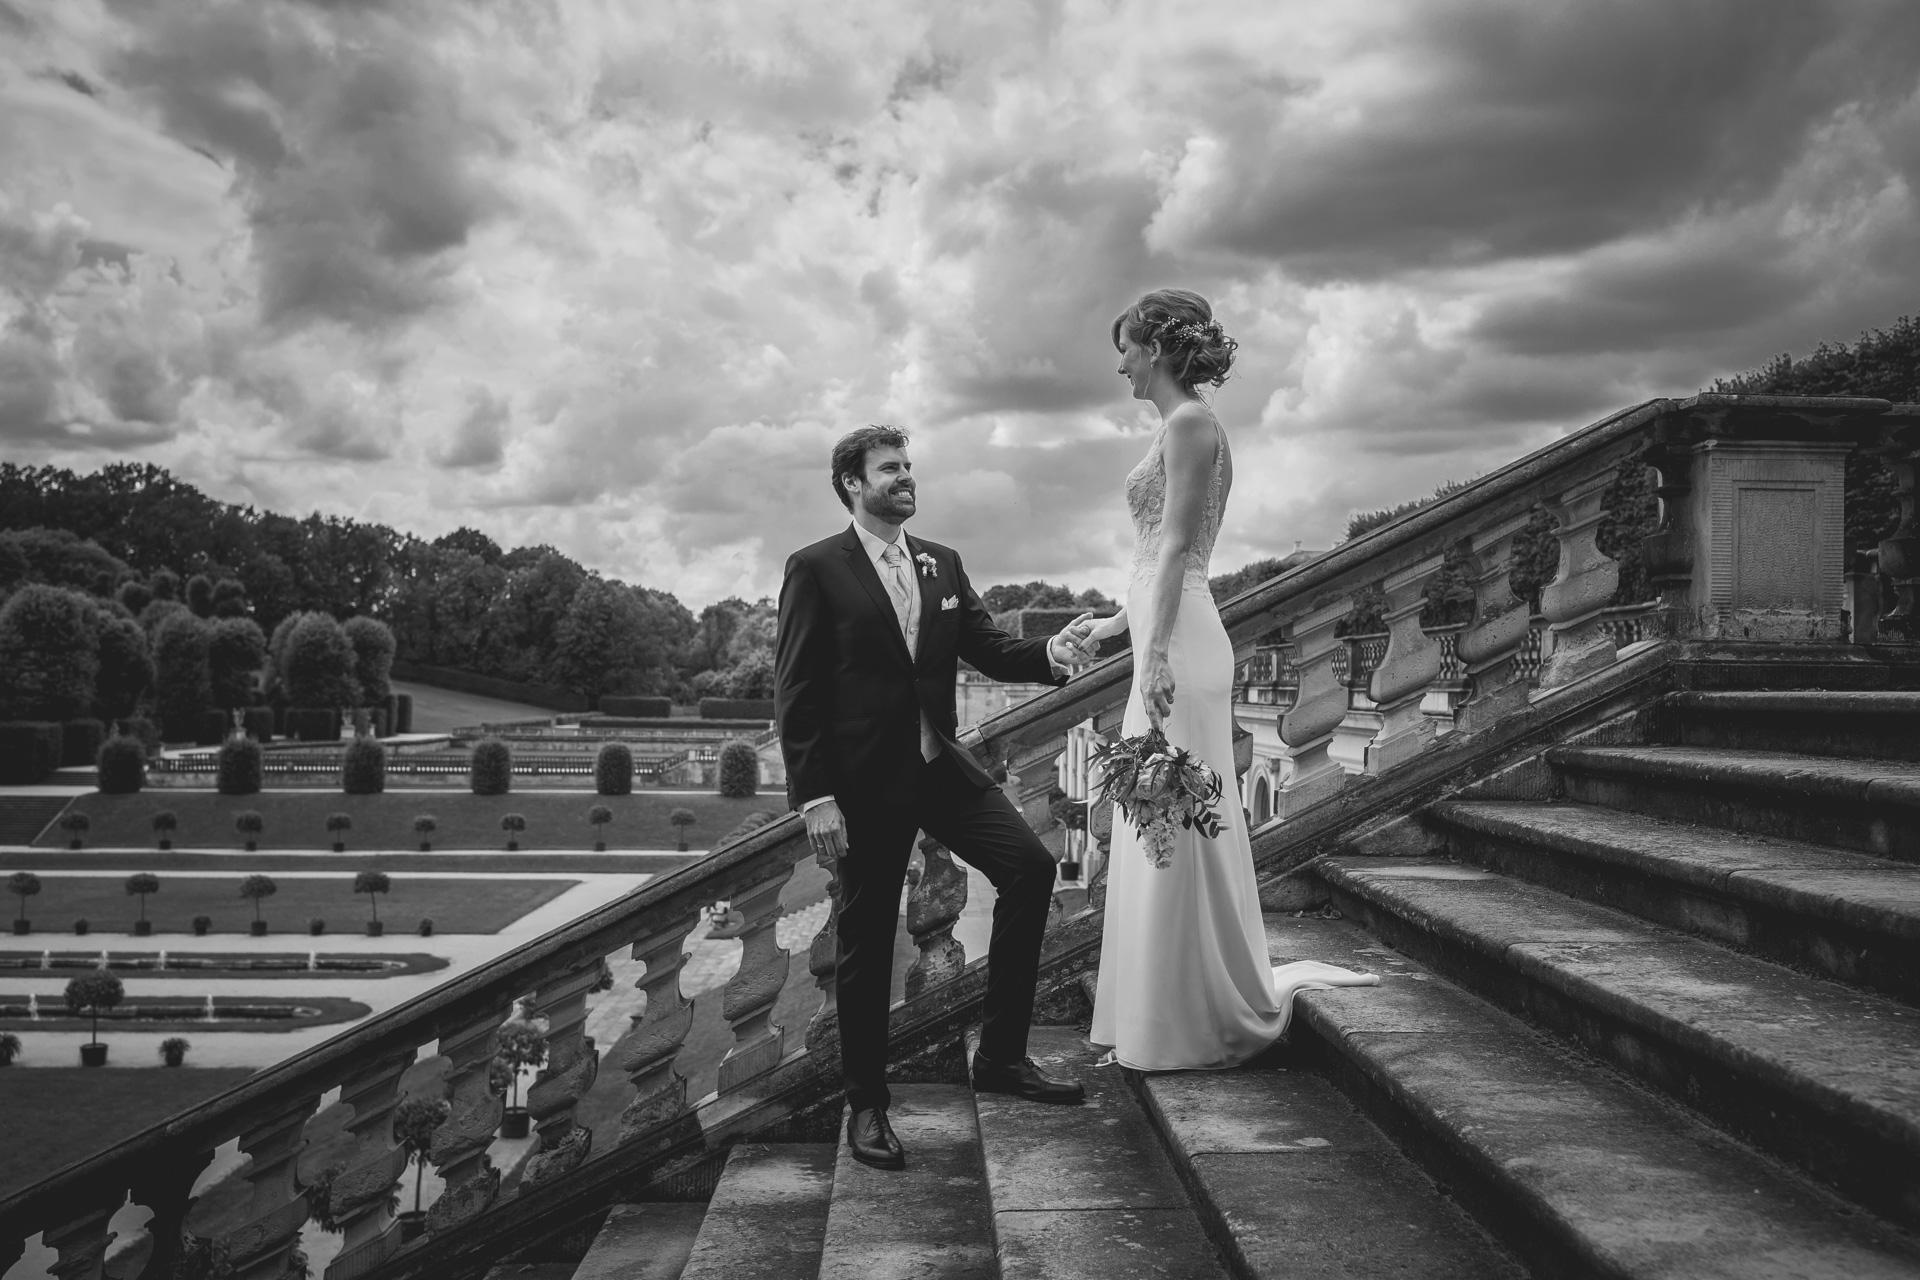 Hochzeitsfotogaf Leipzig - Brautpaar auf einer Treppe im Barockgarten Großsedlitz